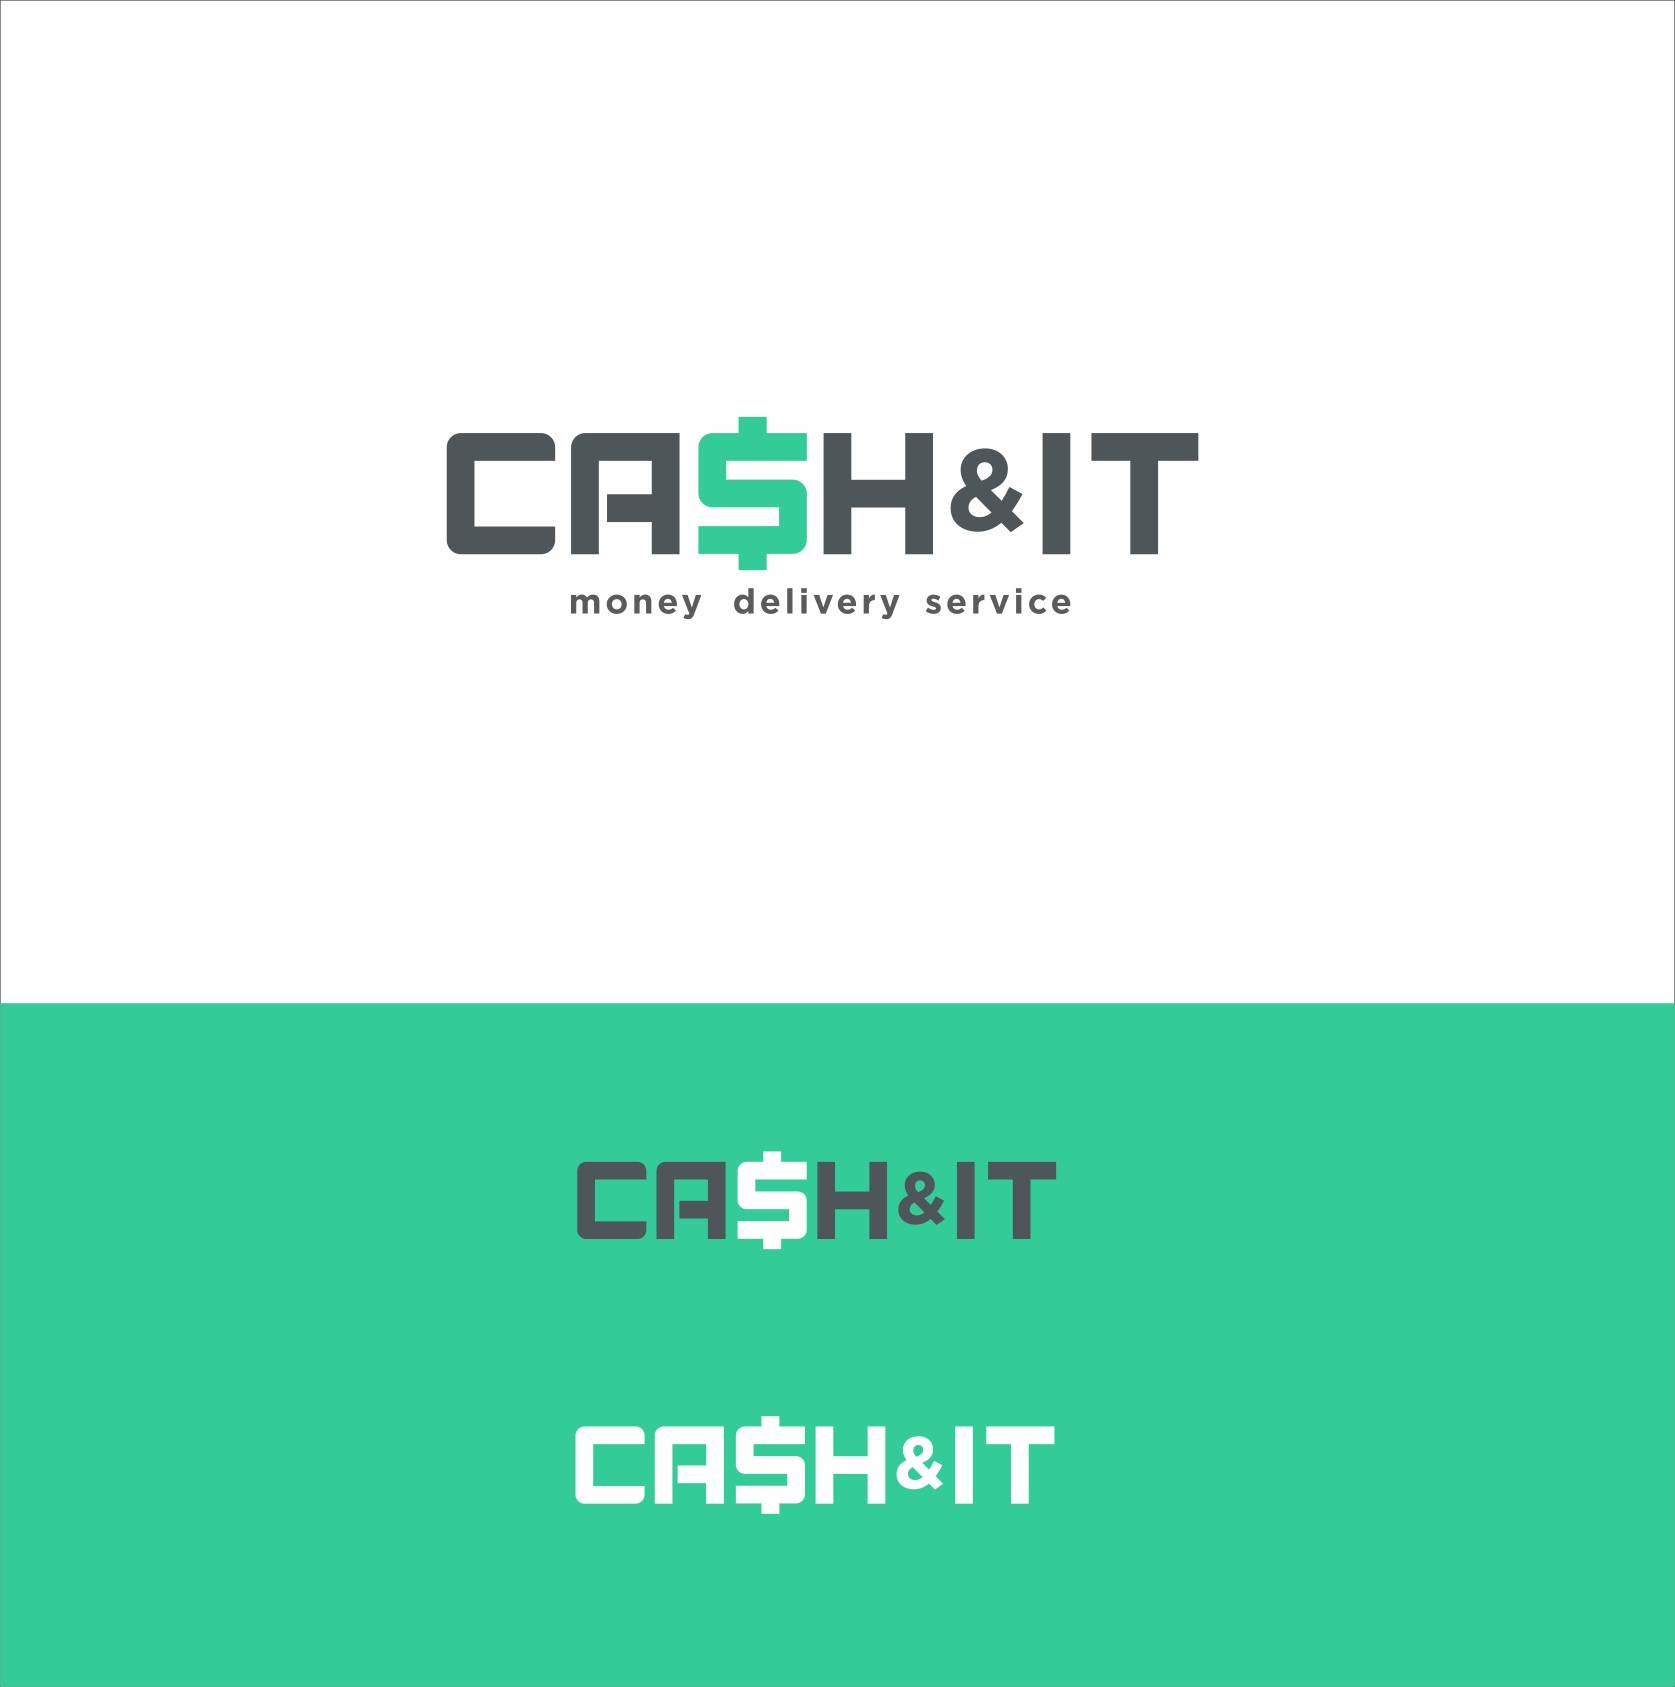 Логотип для Cash & IT - сервис доставки денег фото f_7835fdf6c62218e2.jpg